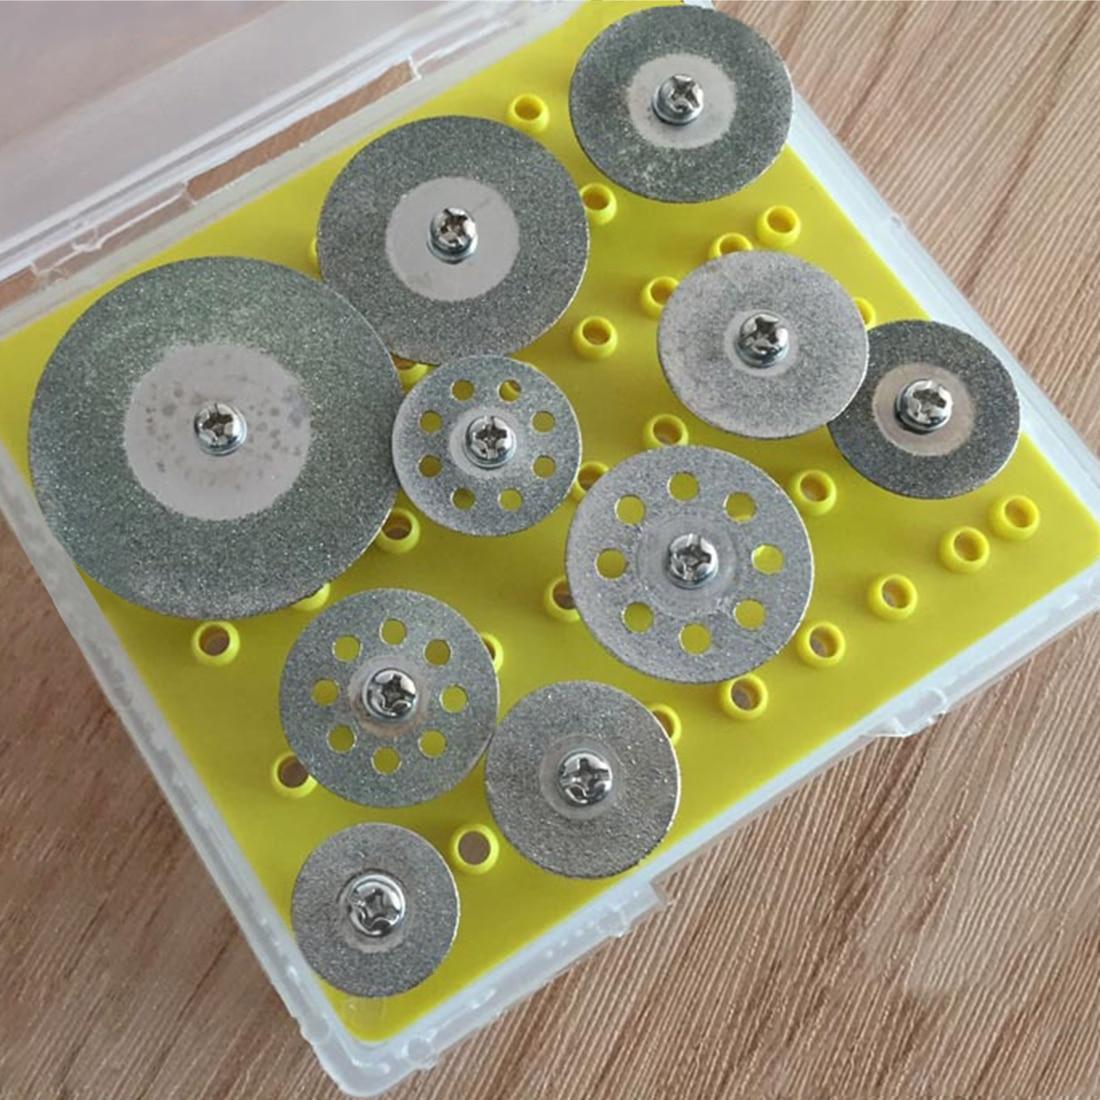 ¡Caliente! 10 unids diamante discos de corte rueda de retención set para dremel Rotary herramienta de corte/molienda/grabado herramientas